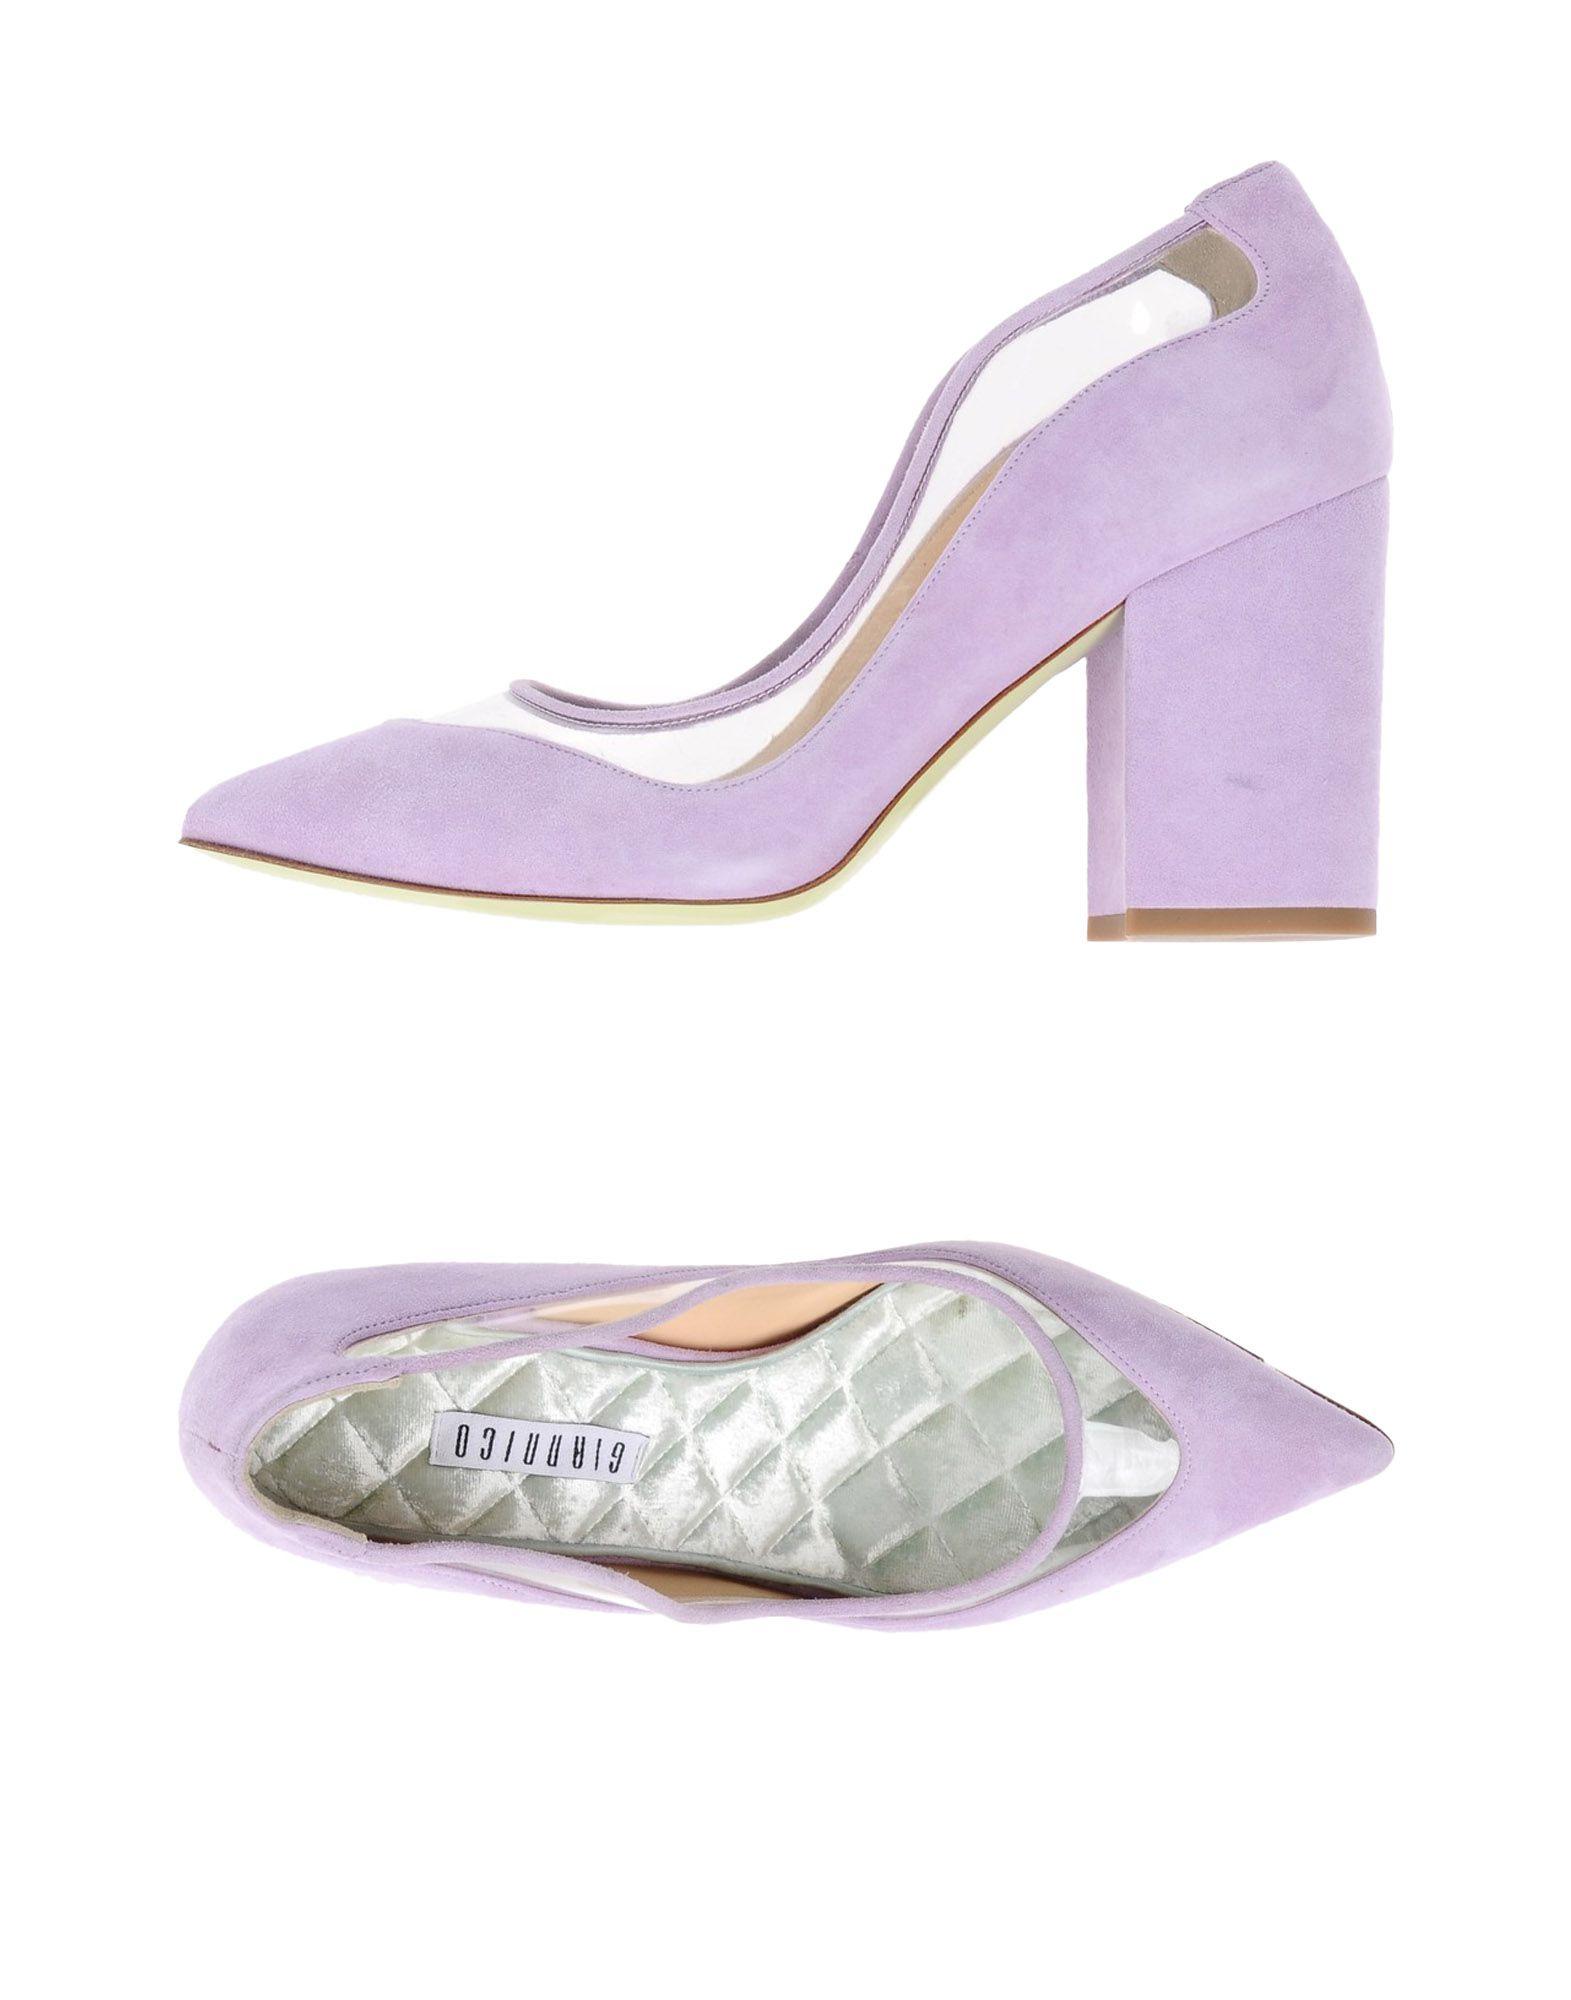 Haltbare Mode billige Schuhe Giannico Pumps Damen  11338399TH Heiße Schuhe